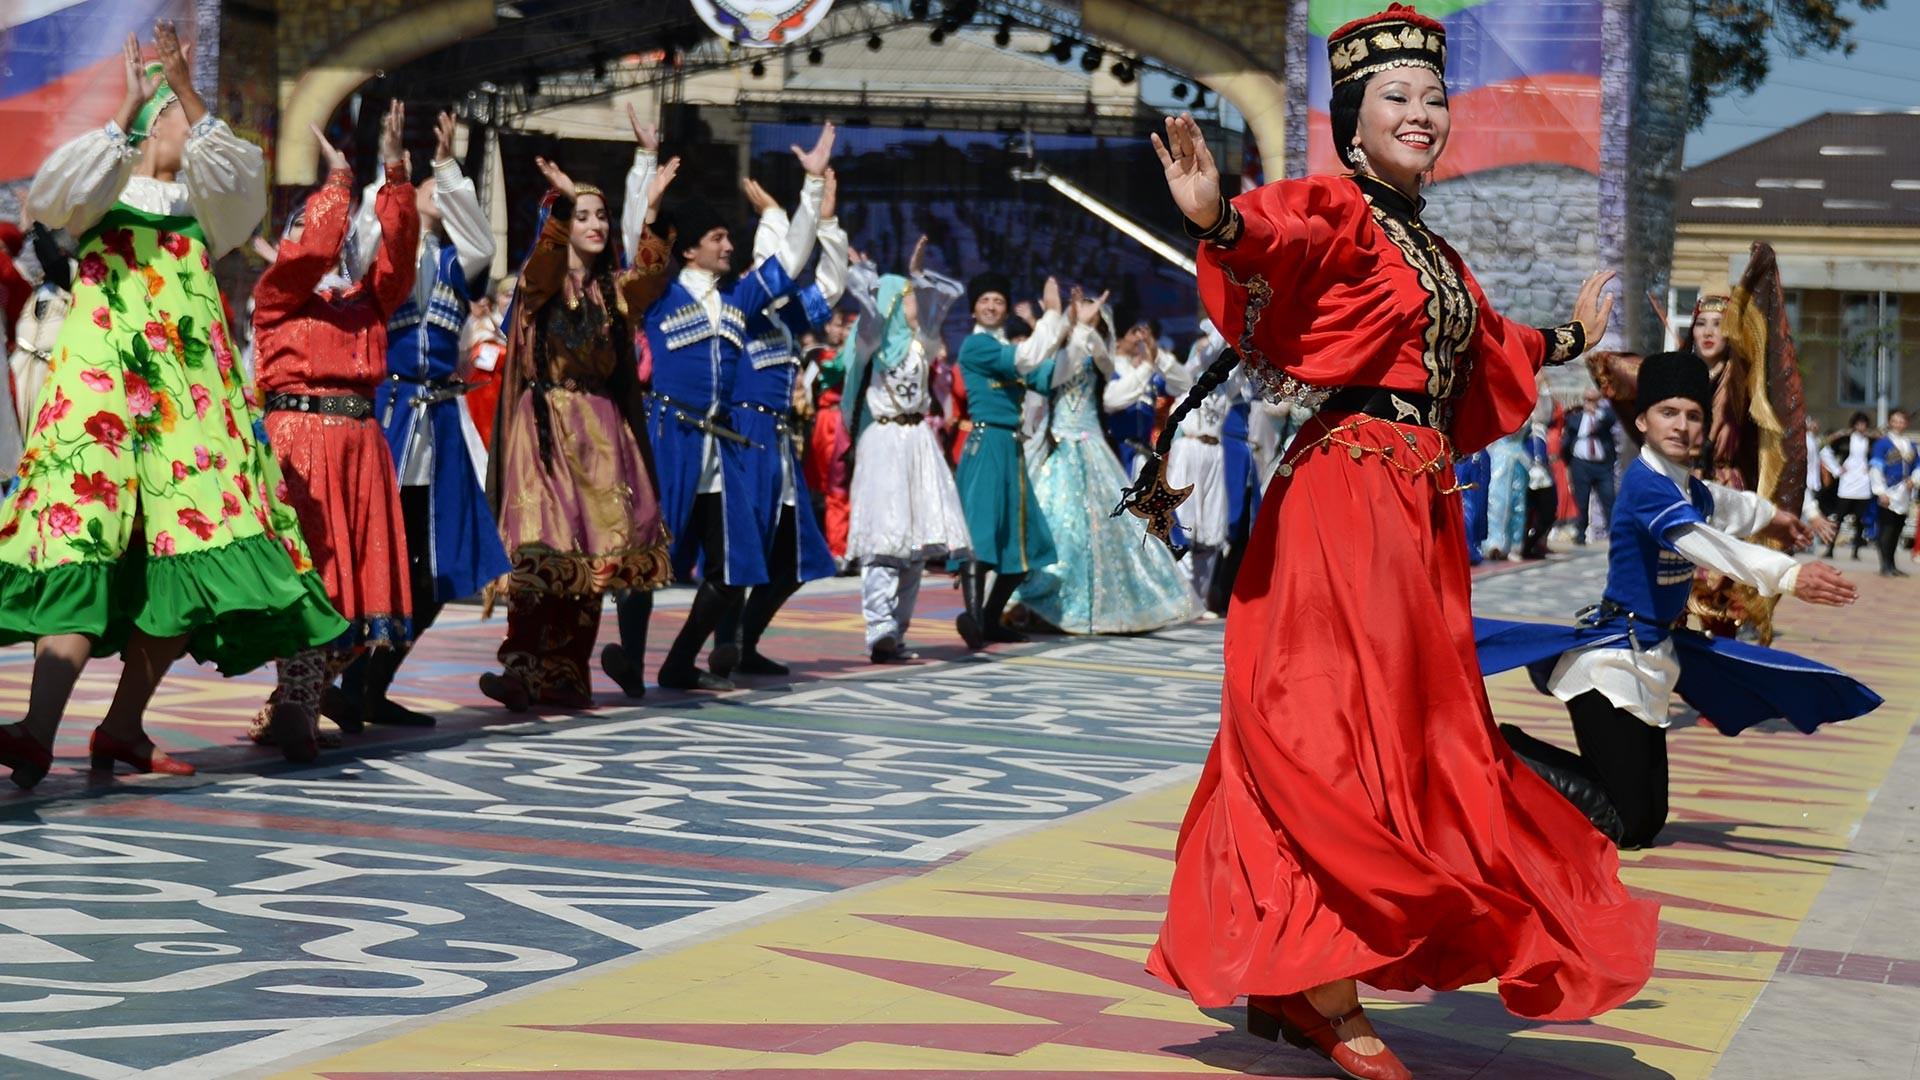 Lors du festival célébrant les 2 000 ans de la cité de Derbent, au Daghestan, ayant regroupé des représentants des différents peuples de la région